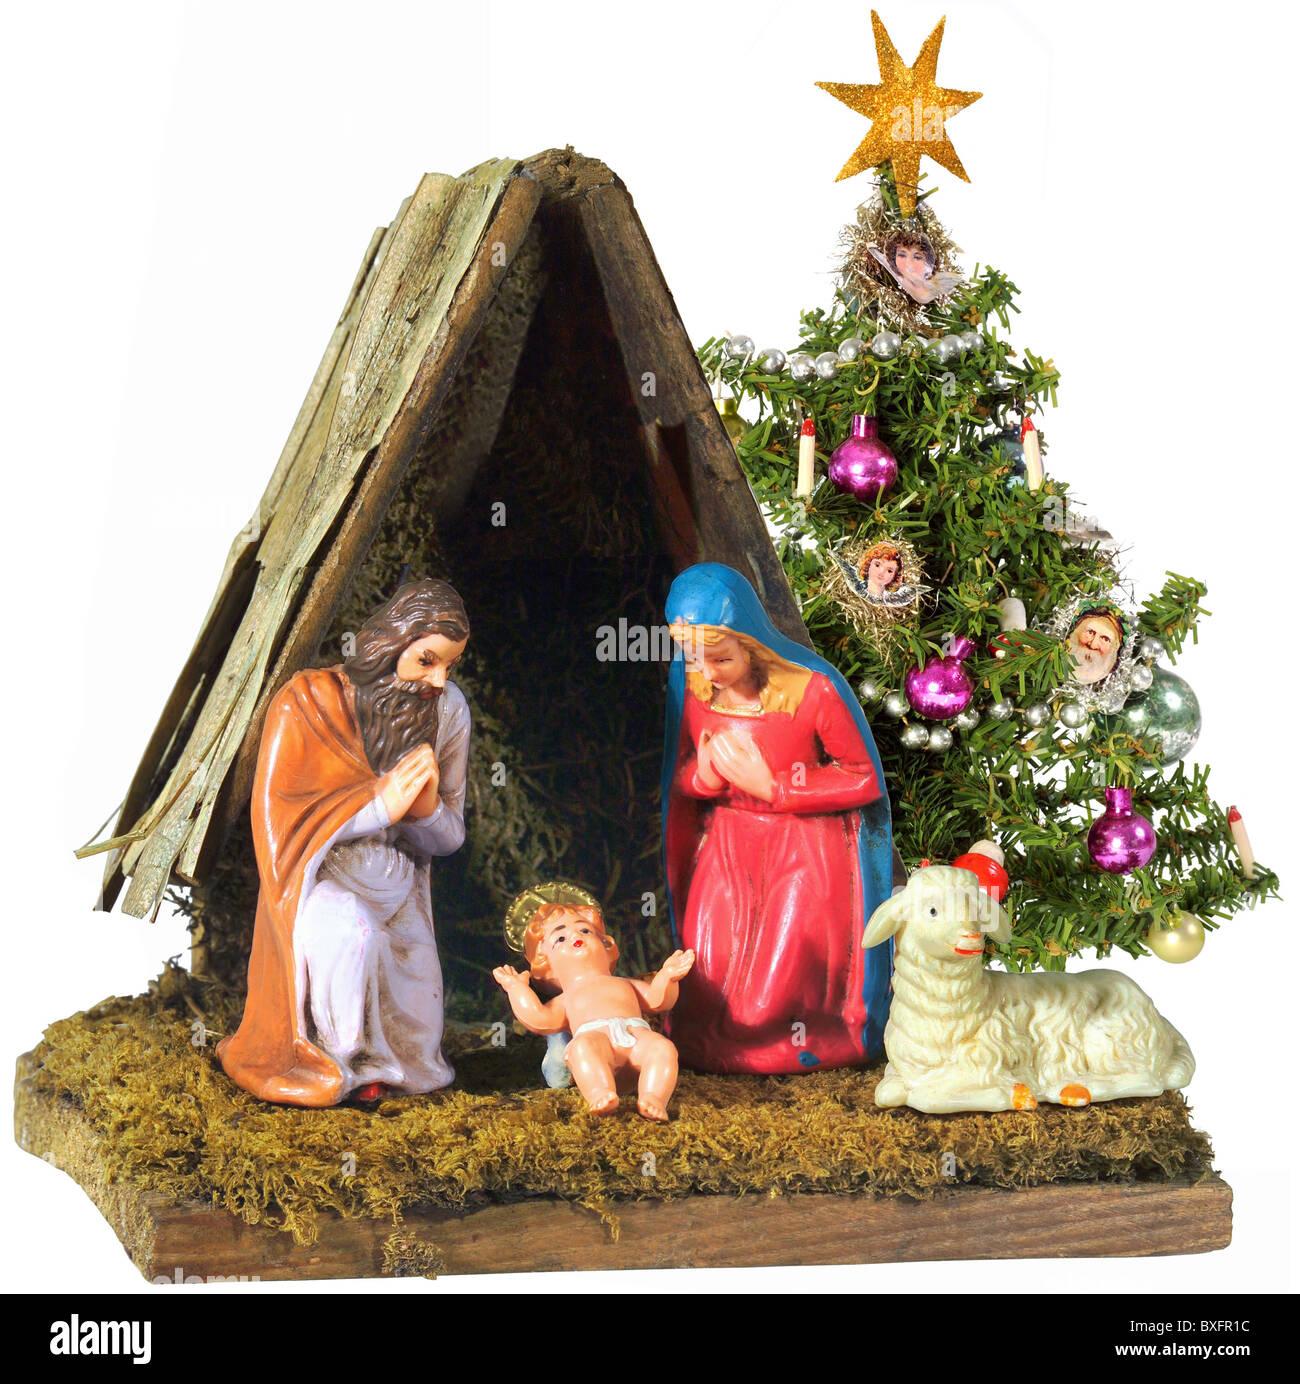 Weihnachtsbaum Brauchtum.Weihnachten Krippe Mit Weihnachtsbaum 20 Jahrhundert Historische